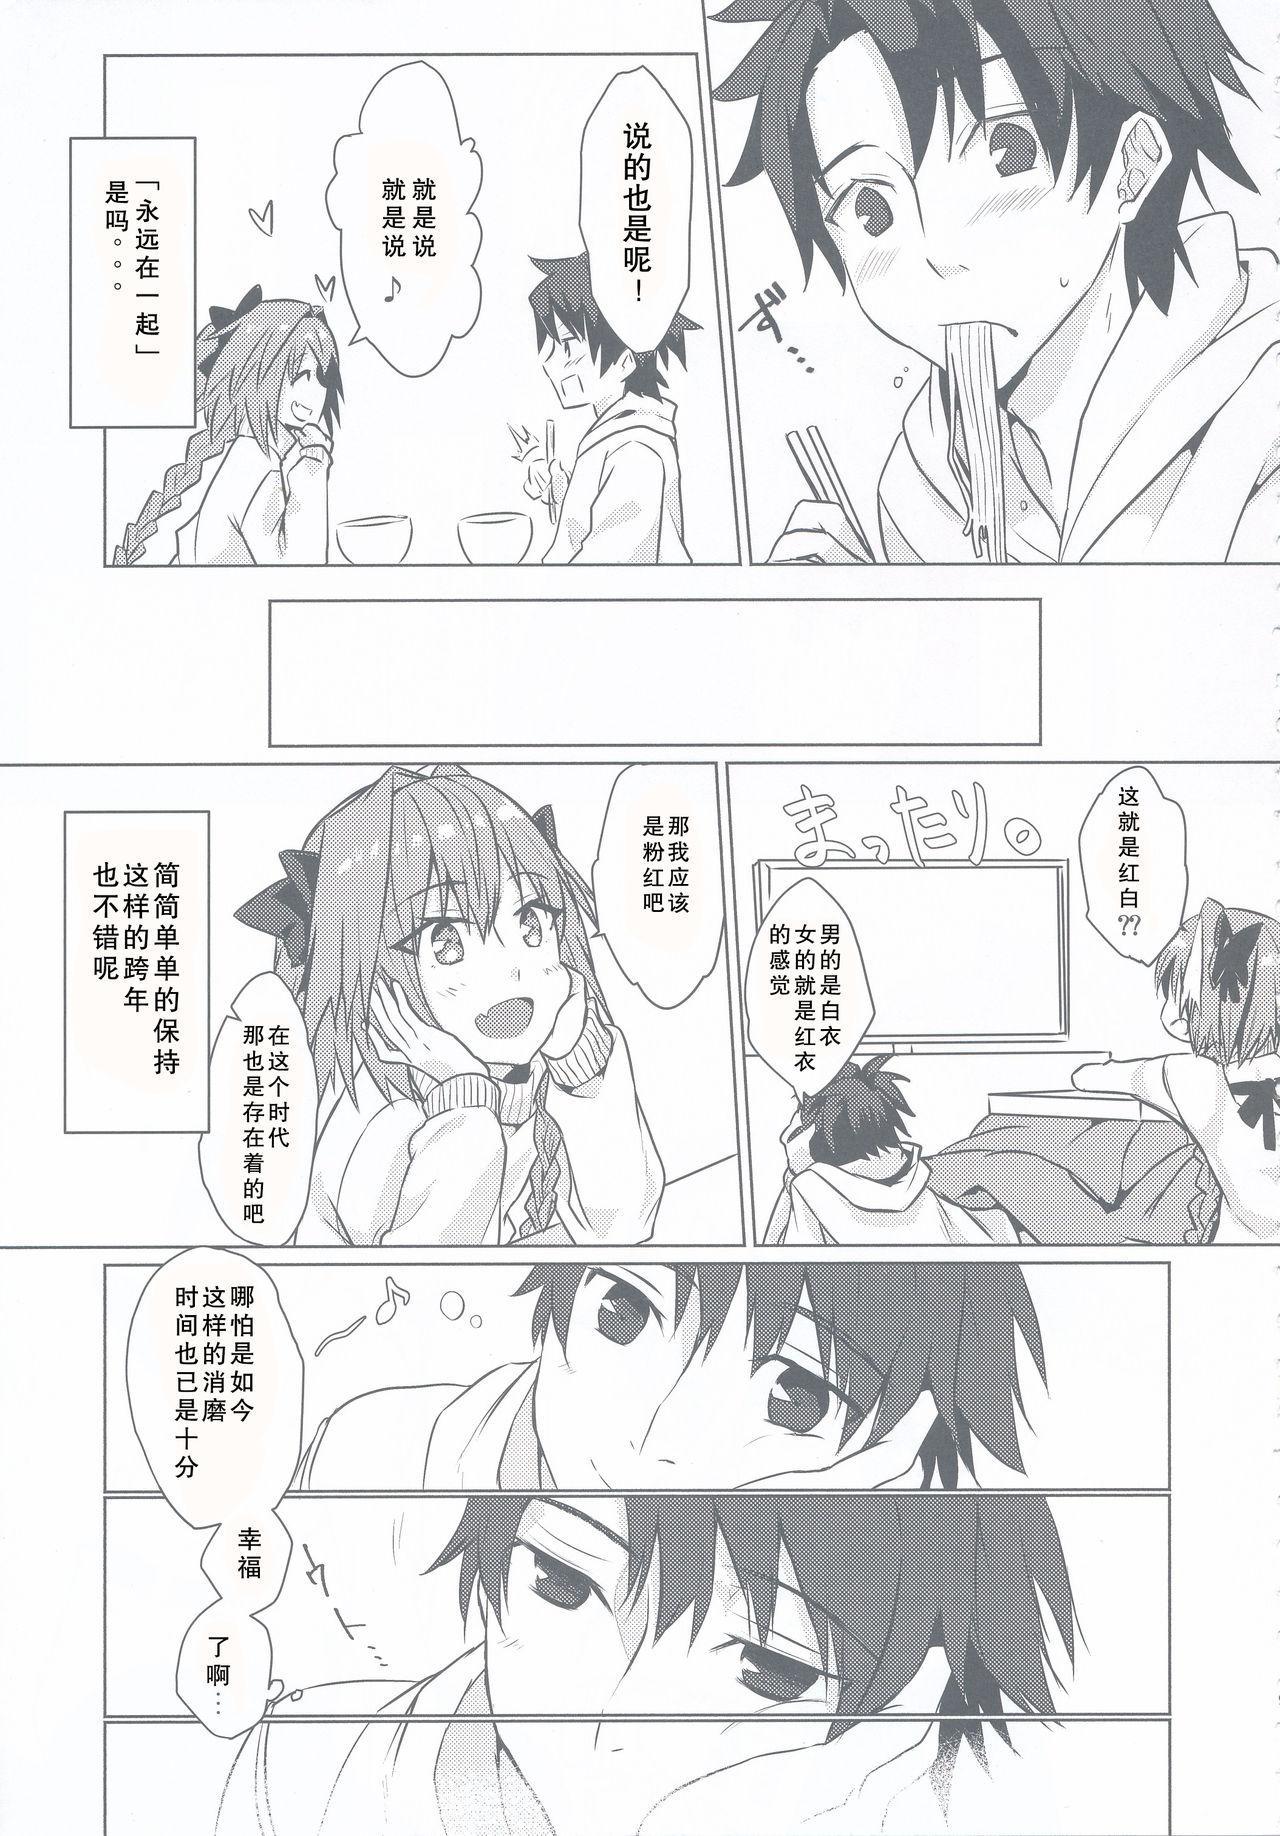 Astolfo-kun to Nenmatsu ni Ichaicha Sugosu Hon 10